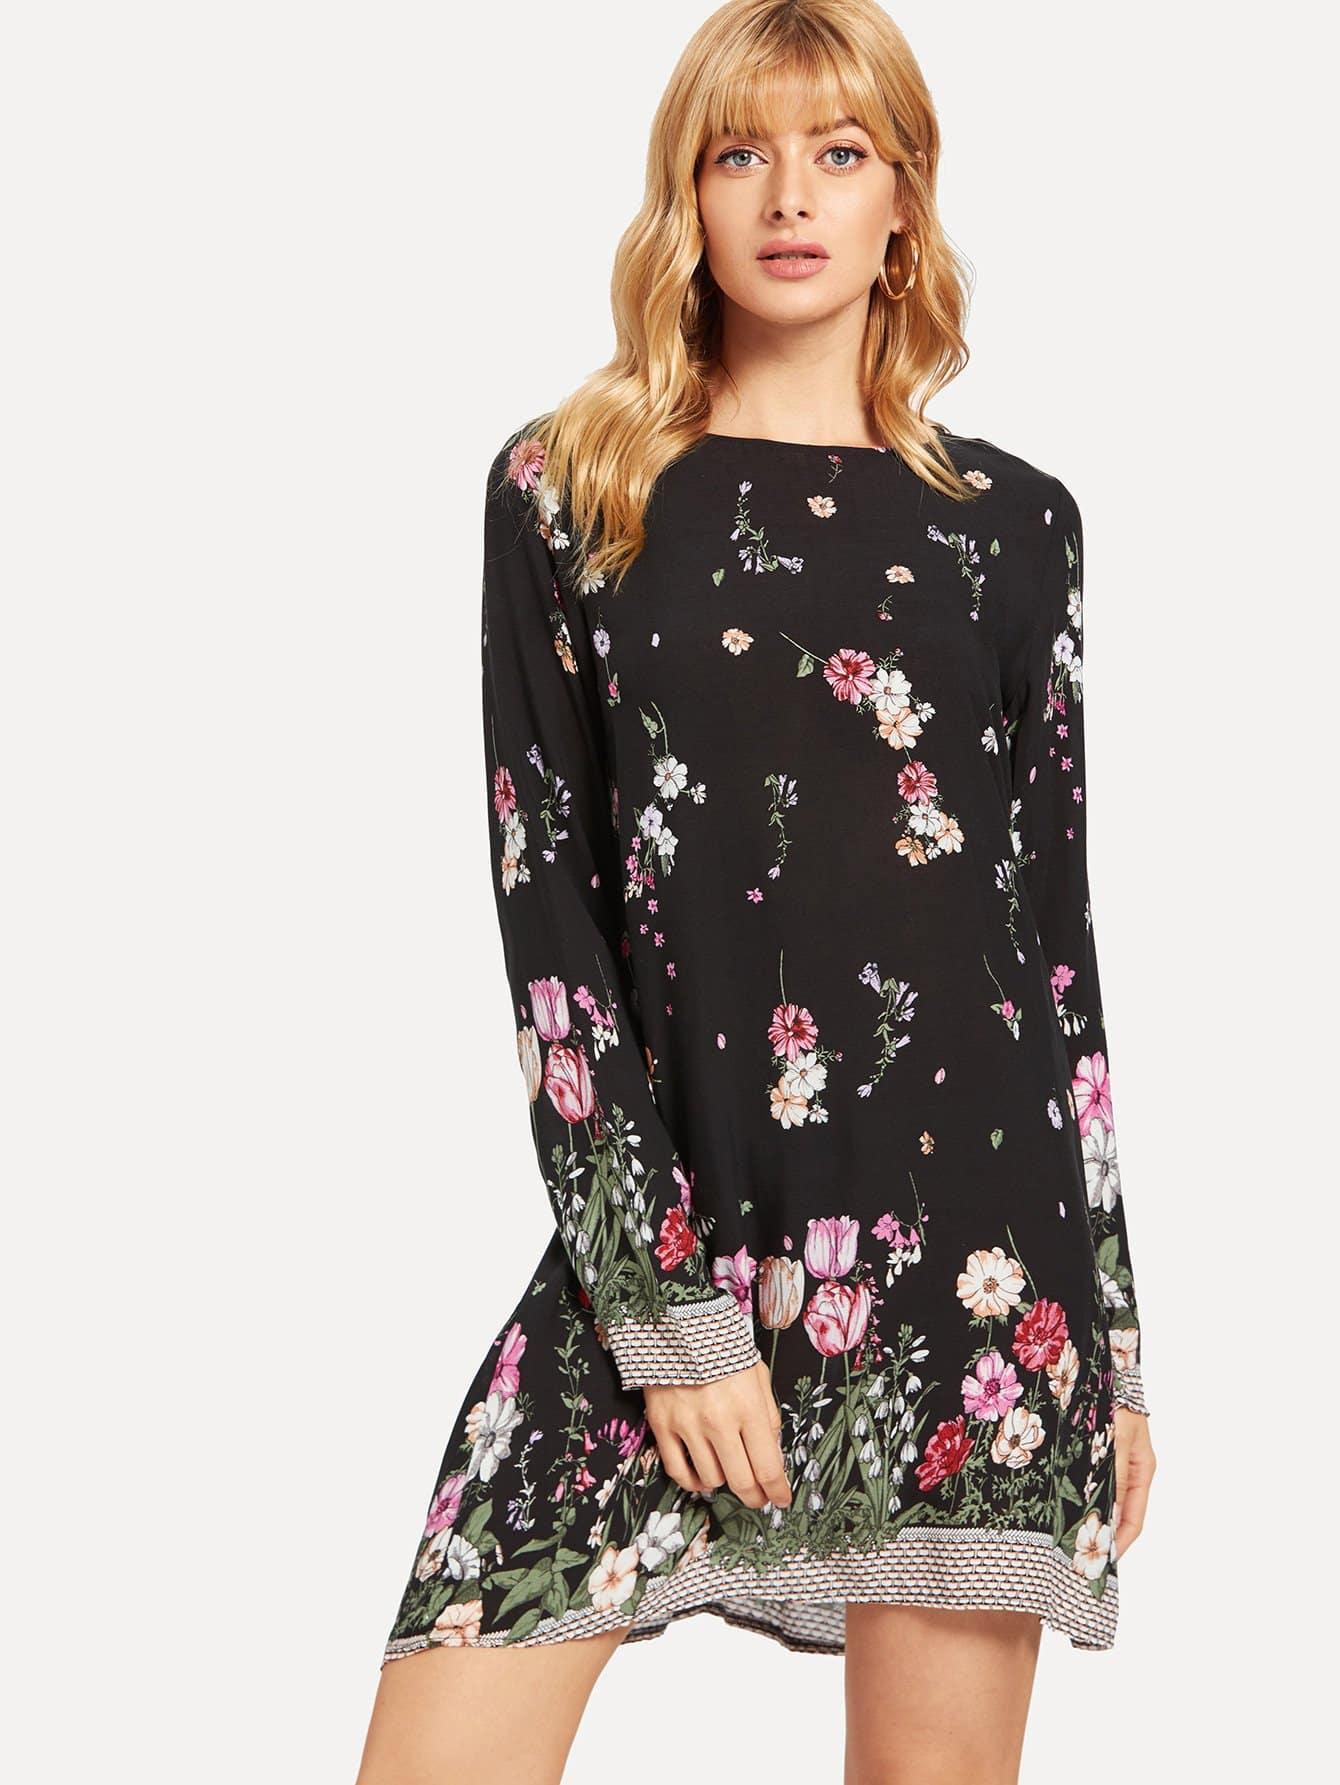 Купить Туника платье с цветочным принтом, Masha, SheIn